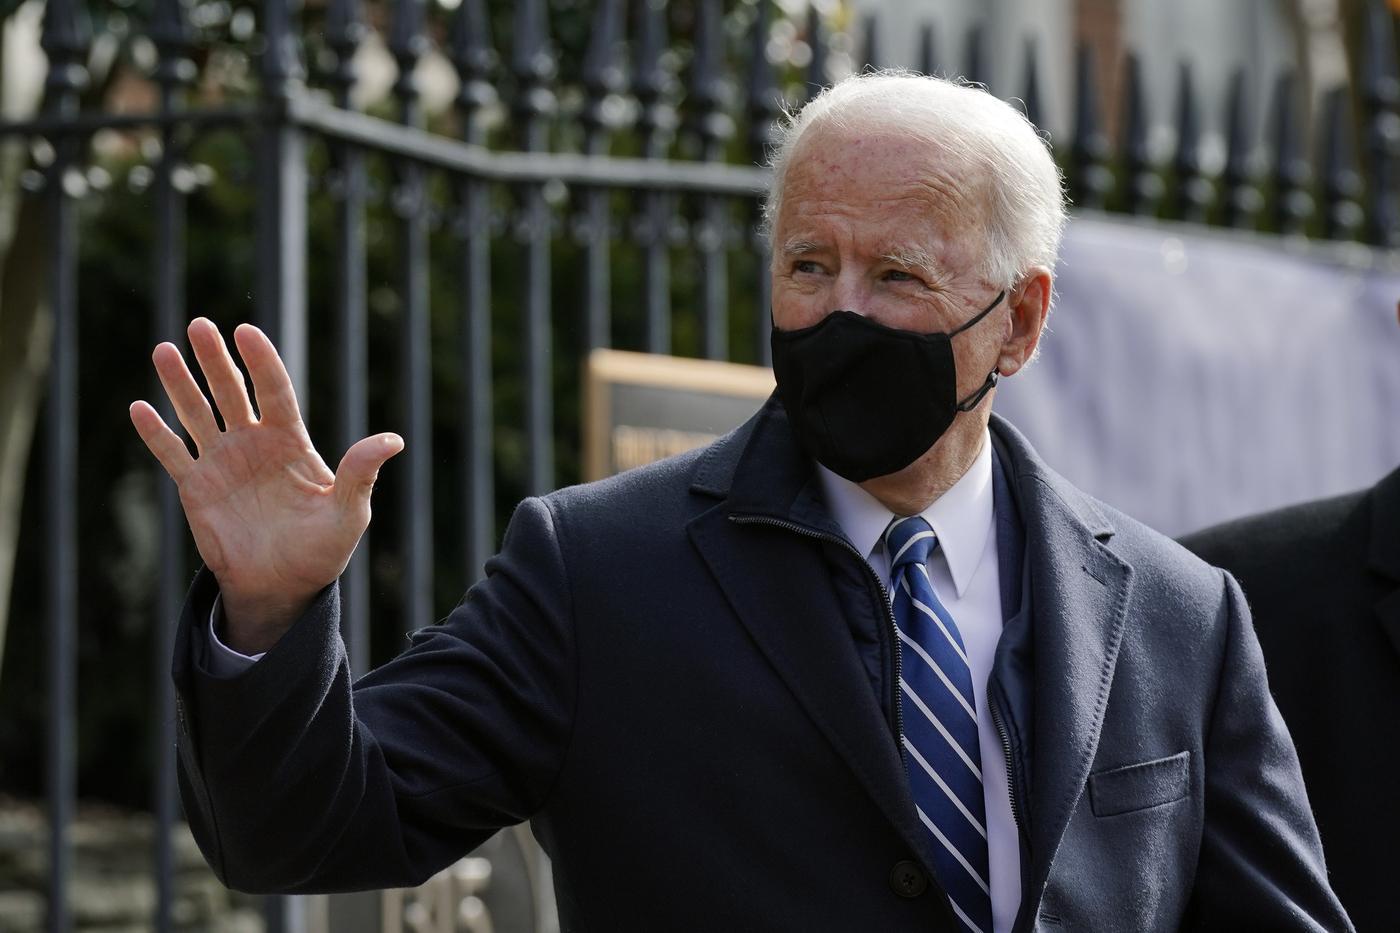 Washington, il presidente Usa Joe Biden partecipaalla messa nella chiesa della Santa Trinità